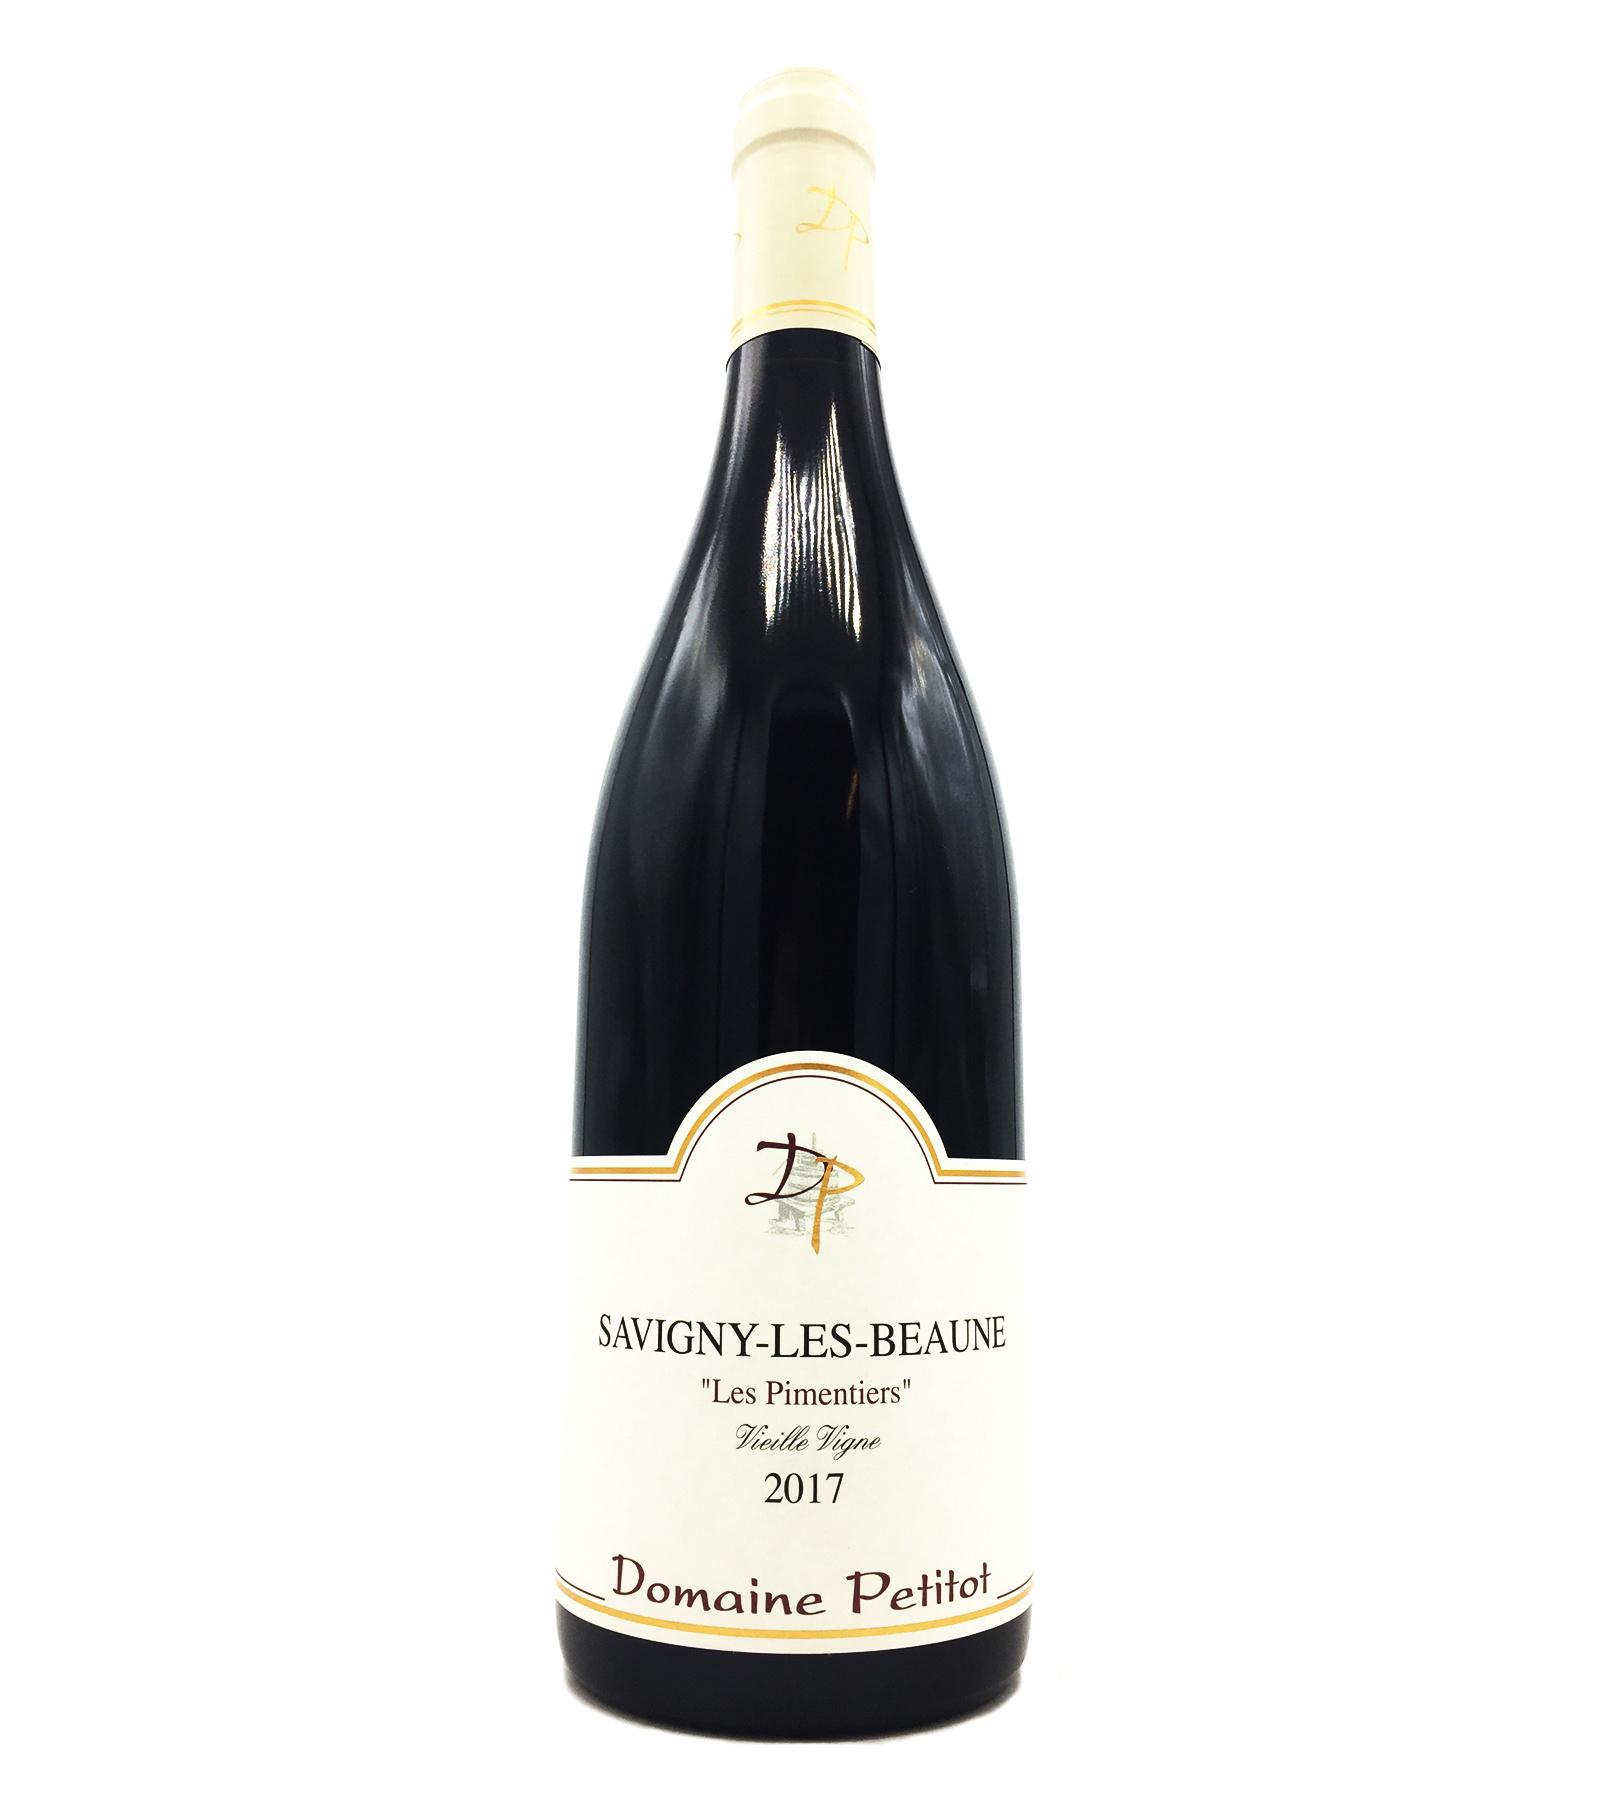 Savigny-les-Beaune Les Pimentiers 2018 Petitot